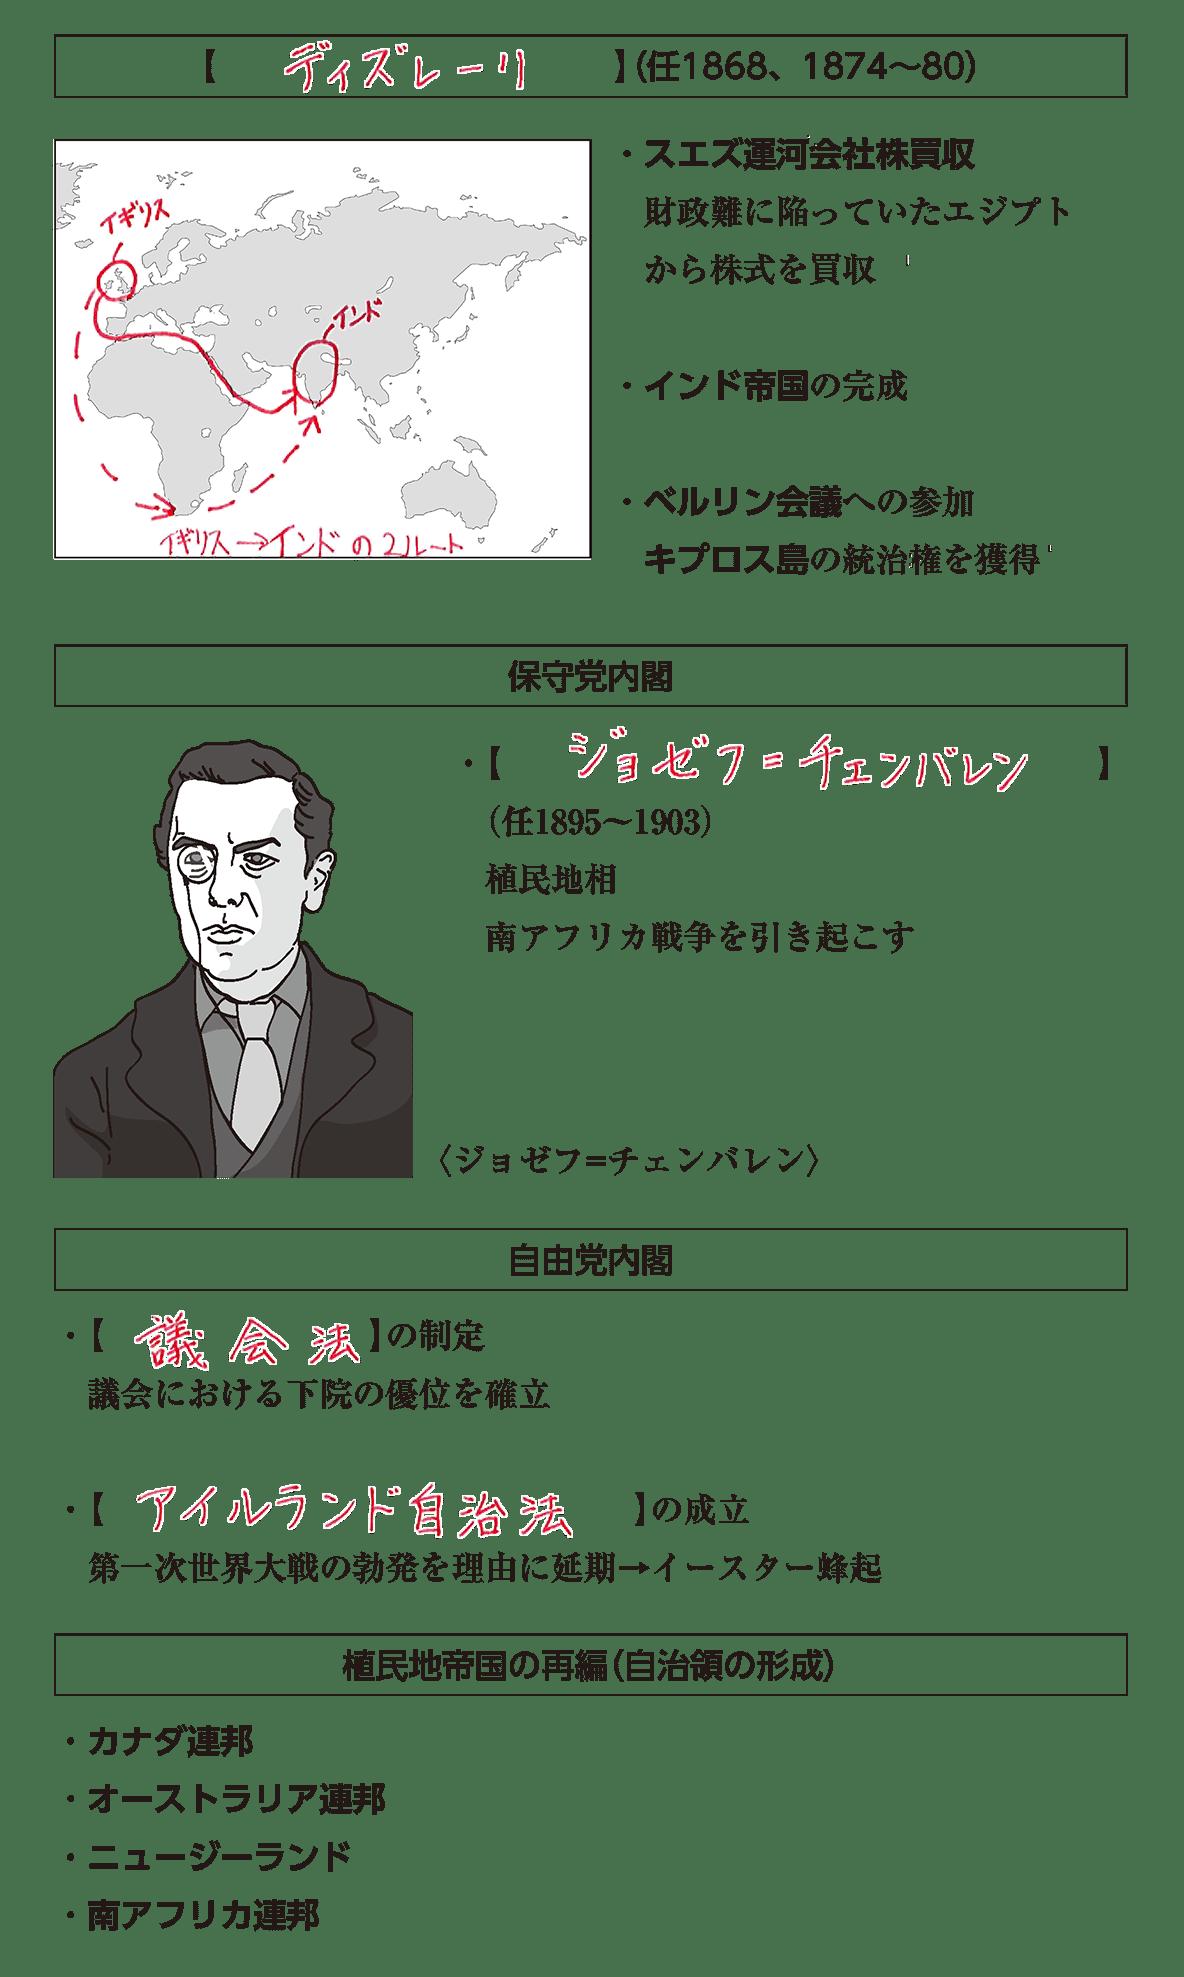 帝国主義の時代1 ポイント1 答え全部